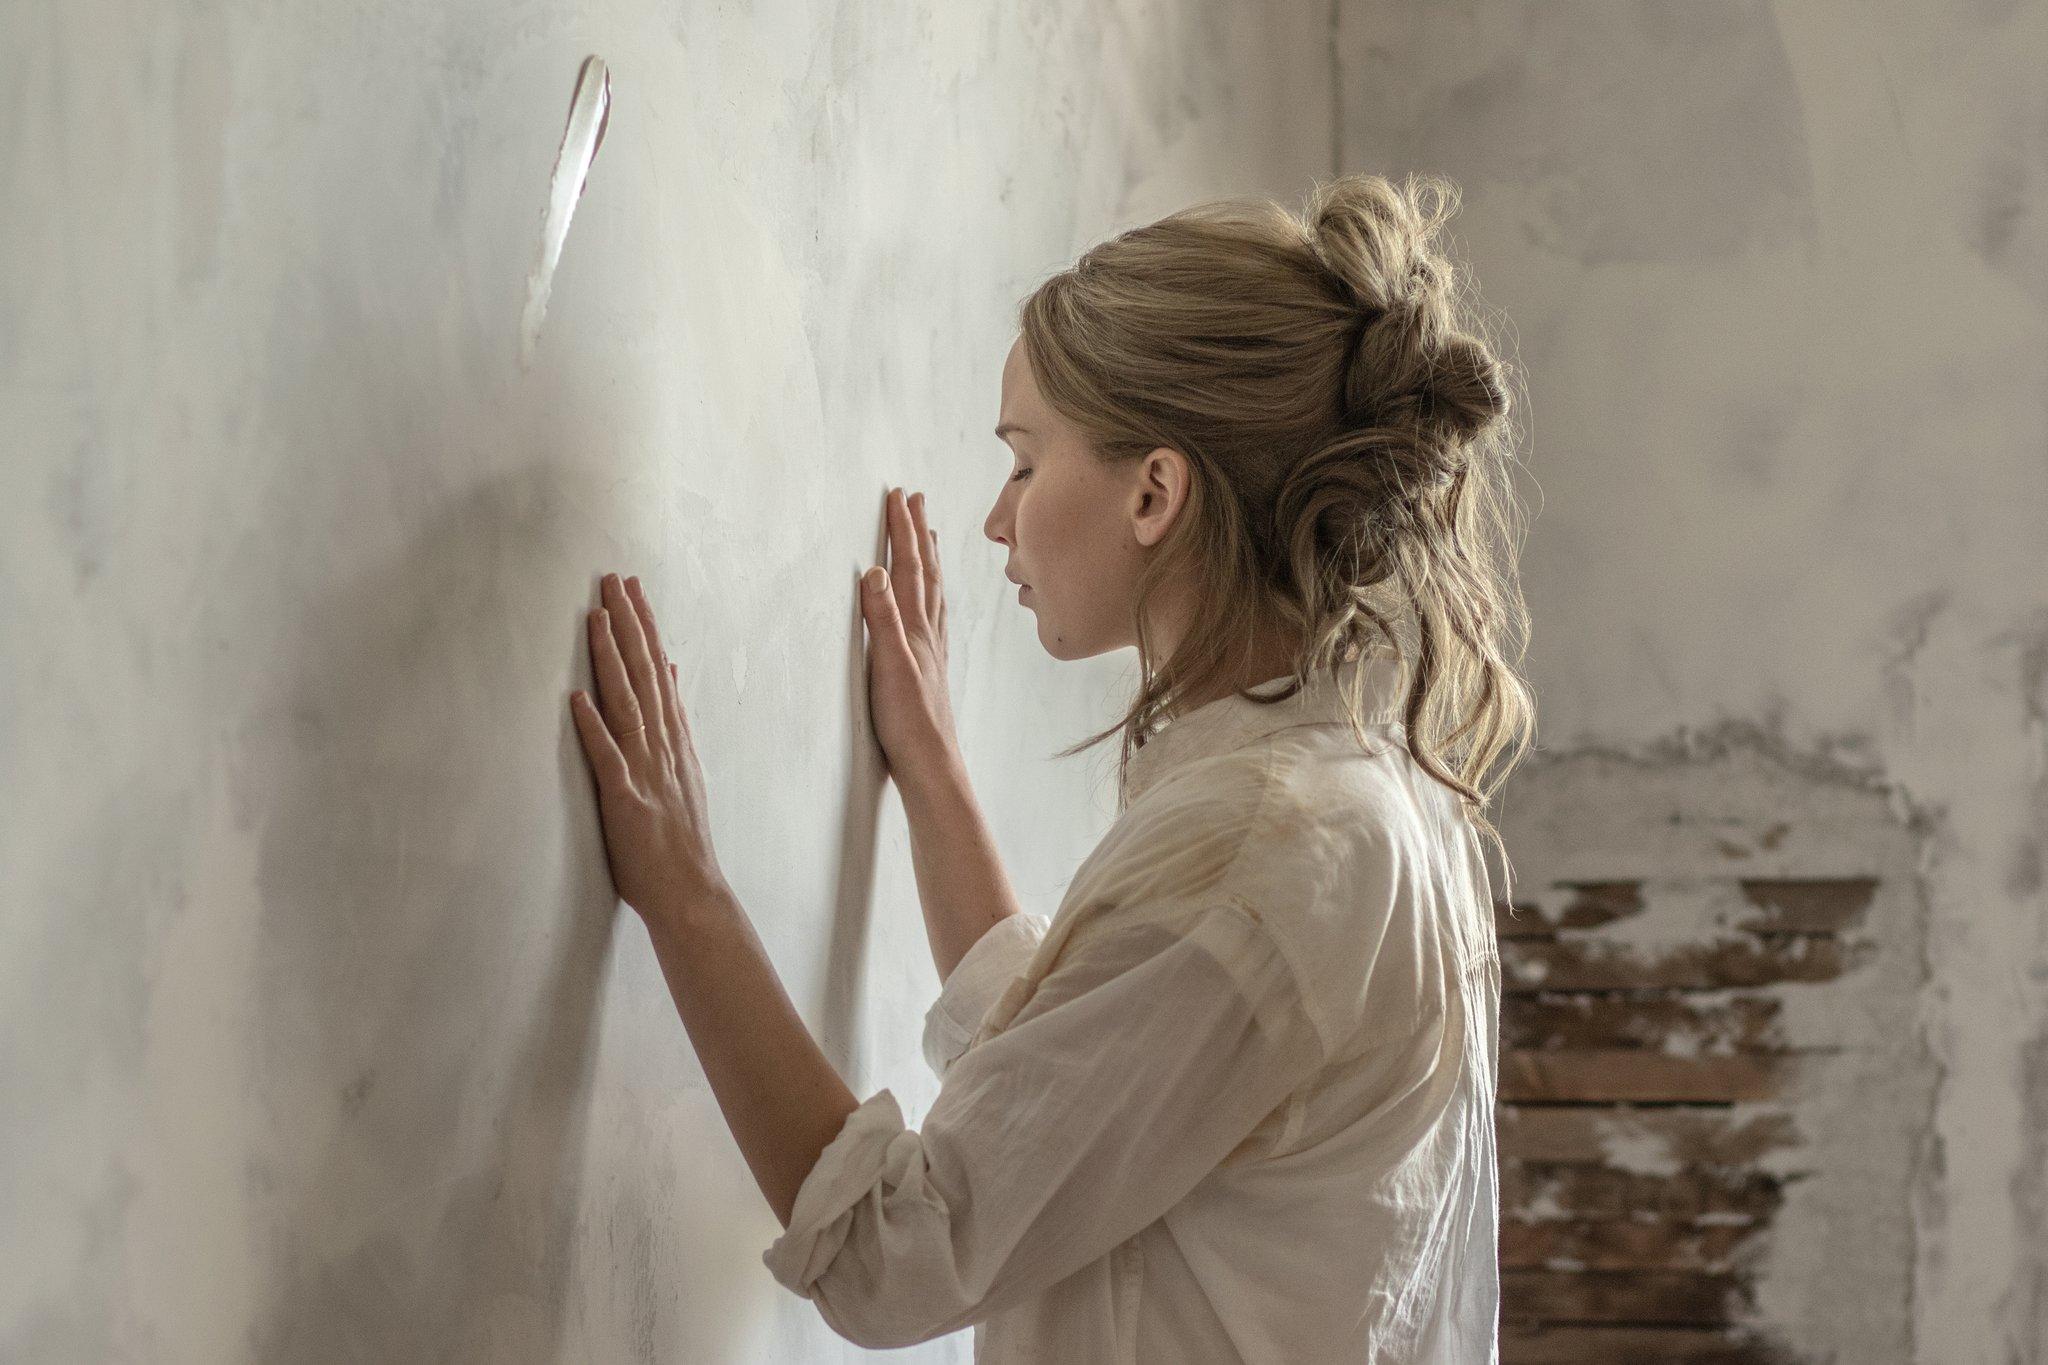 Melhores Filmes de 2017 mostra Jennifer Lawrence de frente para a parede em mãe!